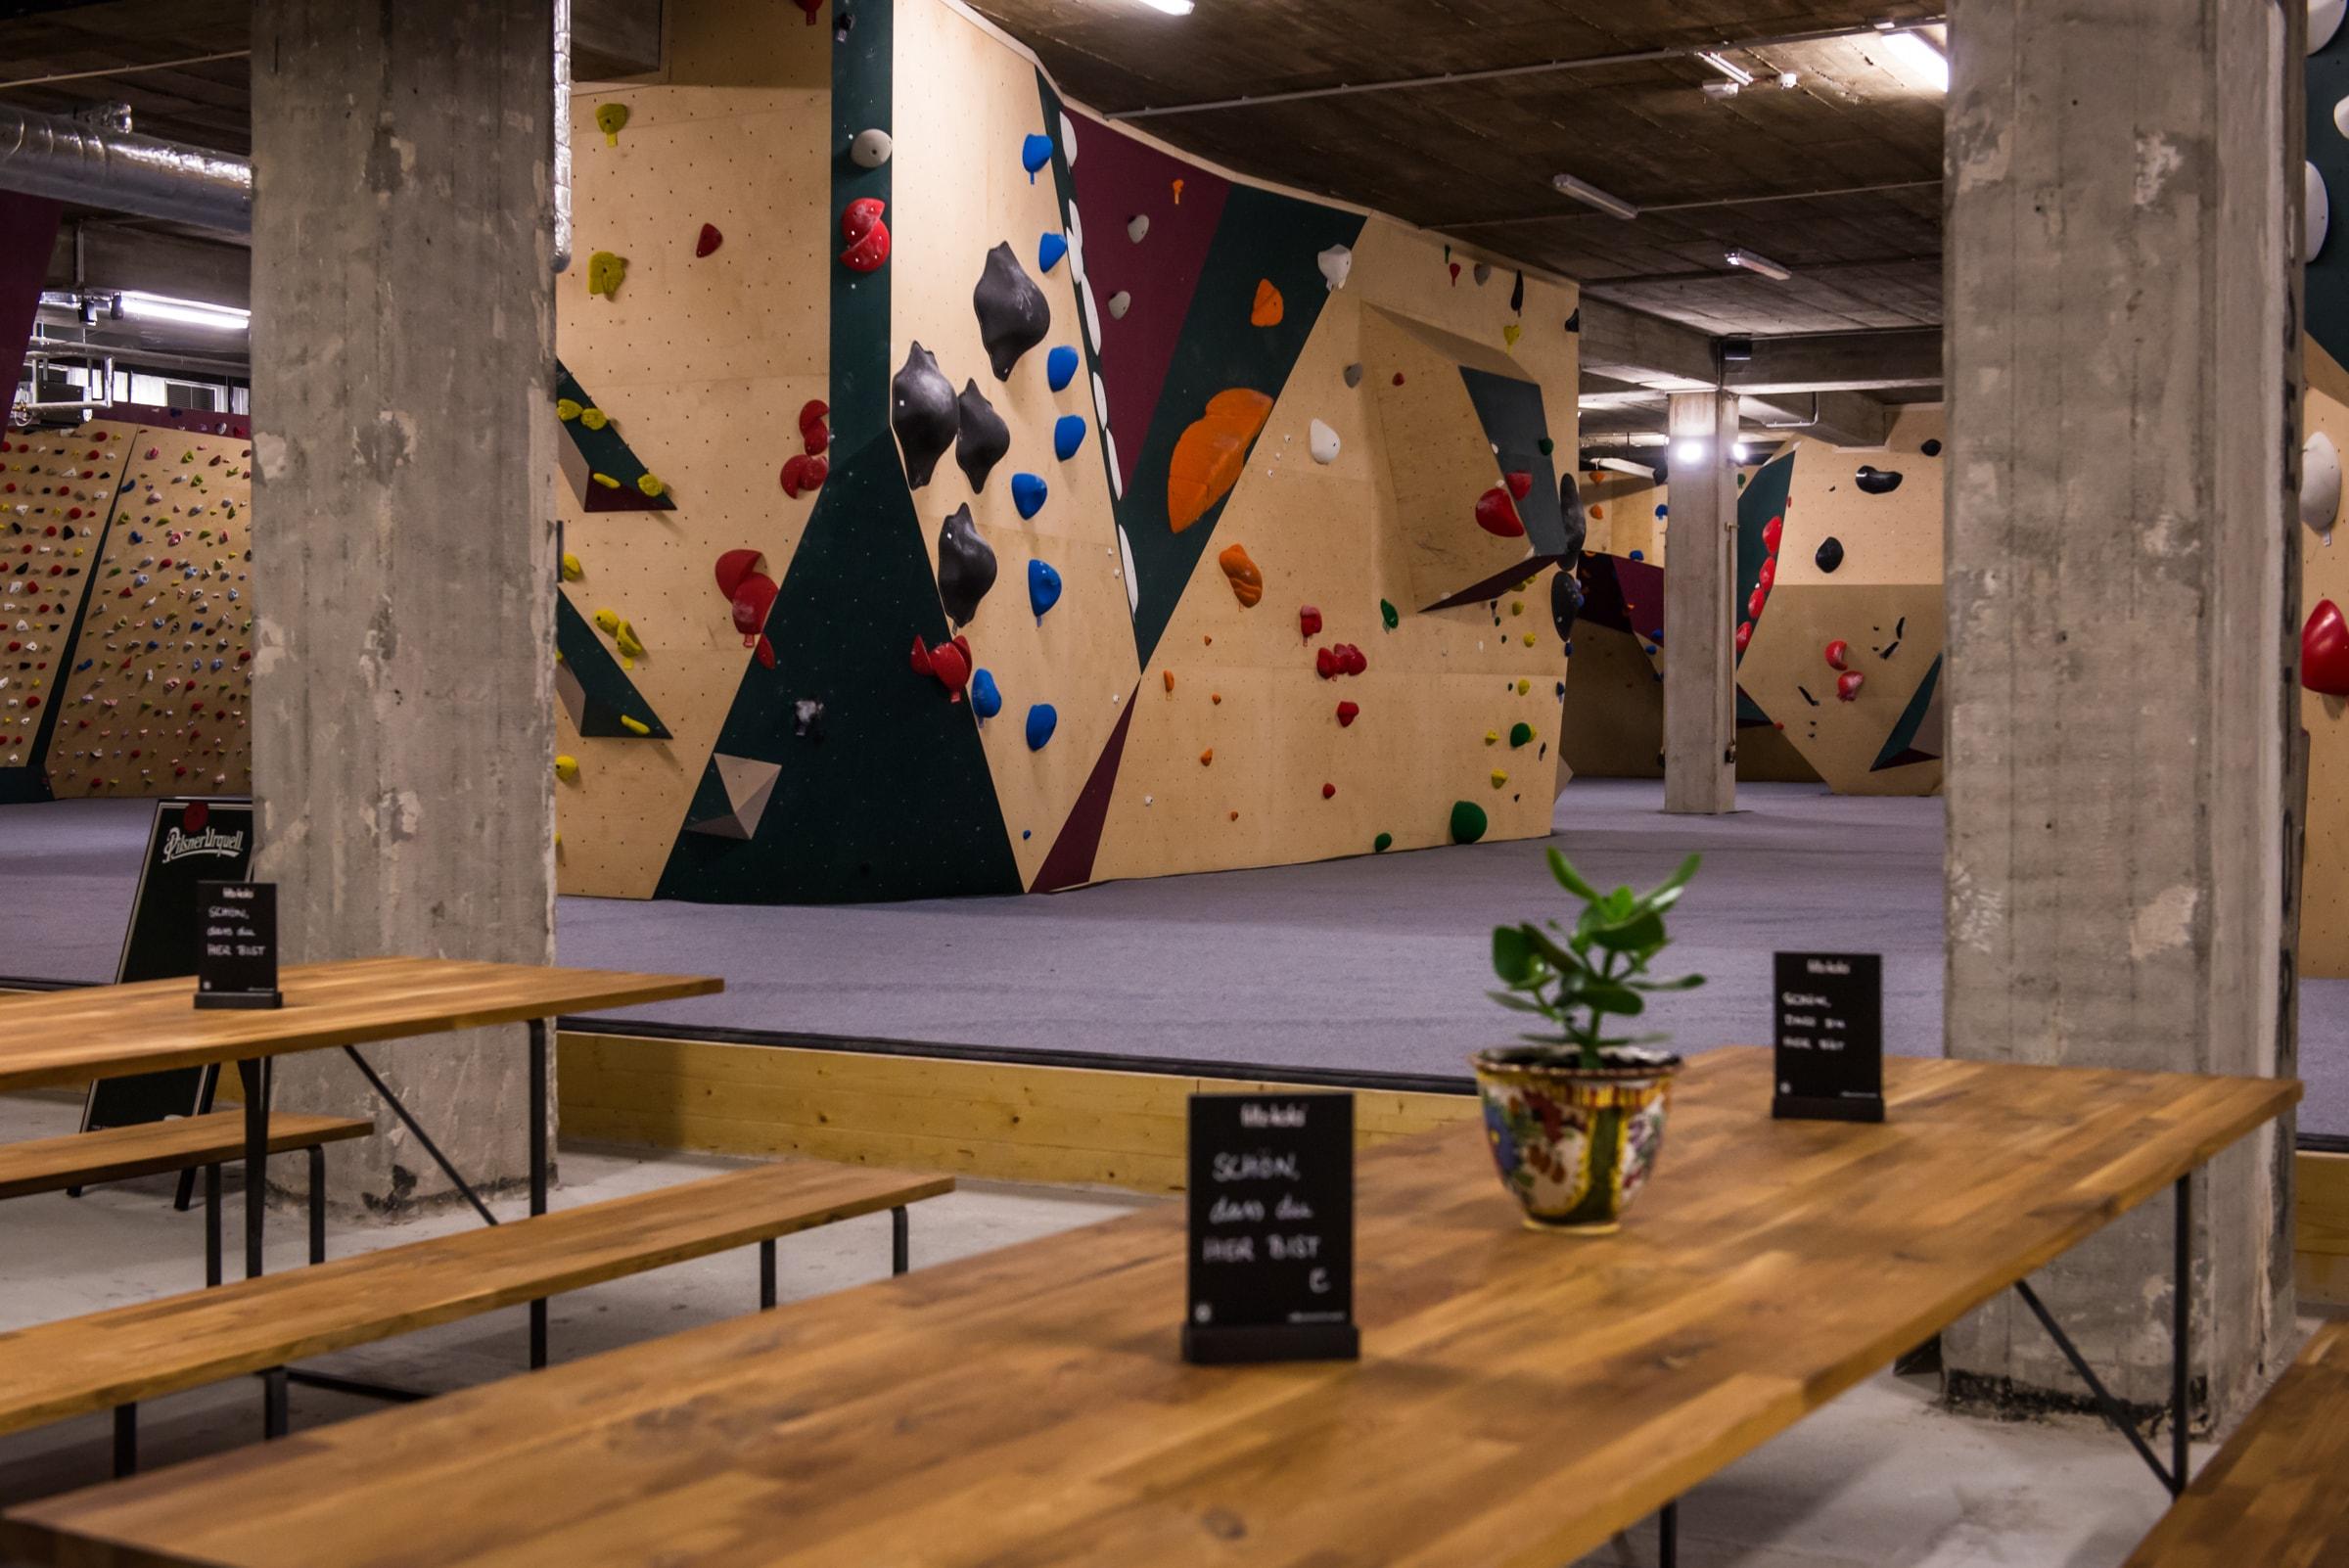 Basement Boulderstudio